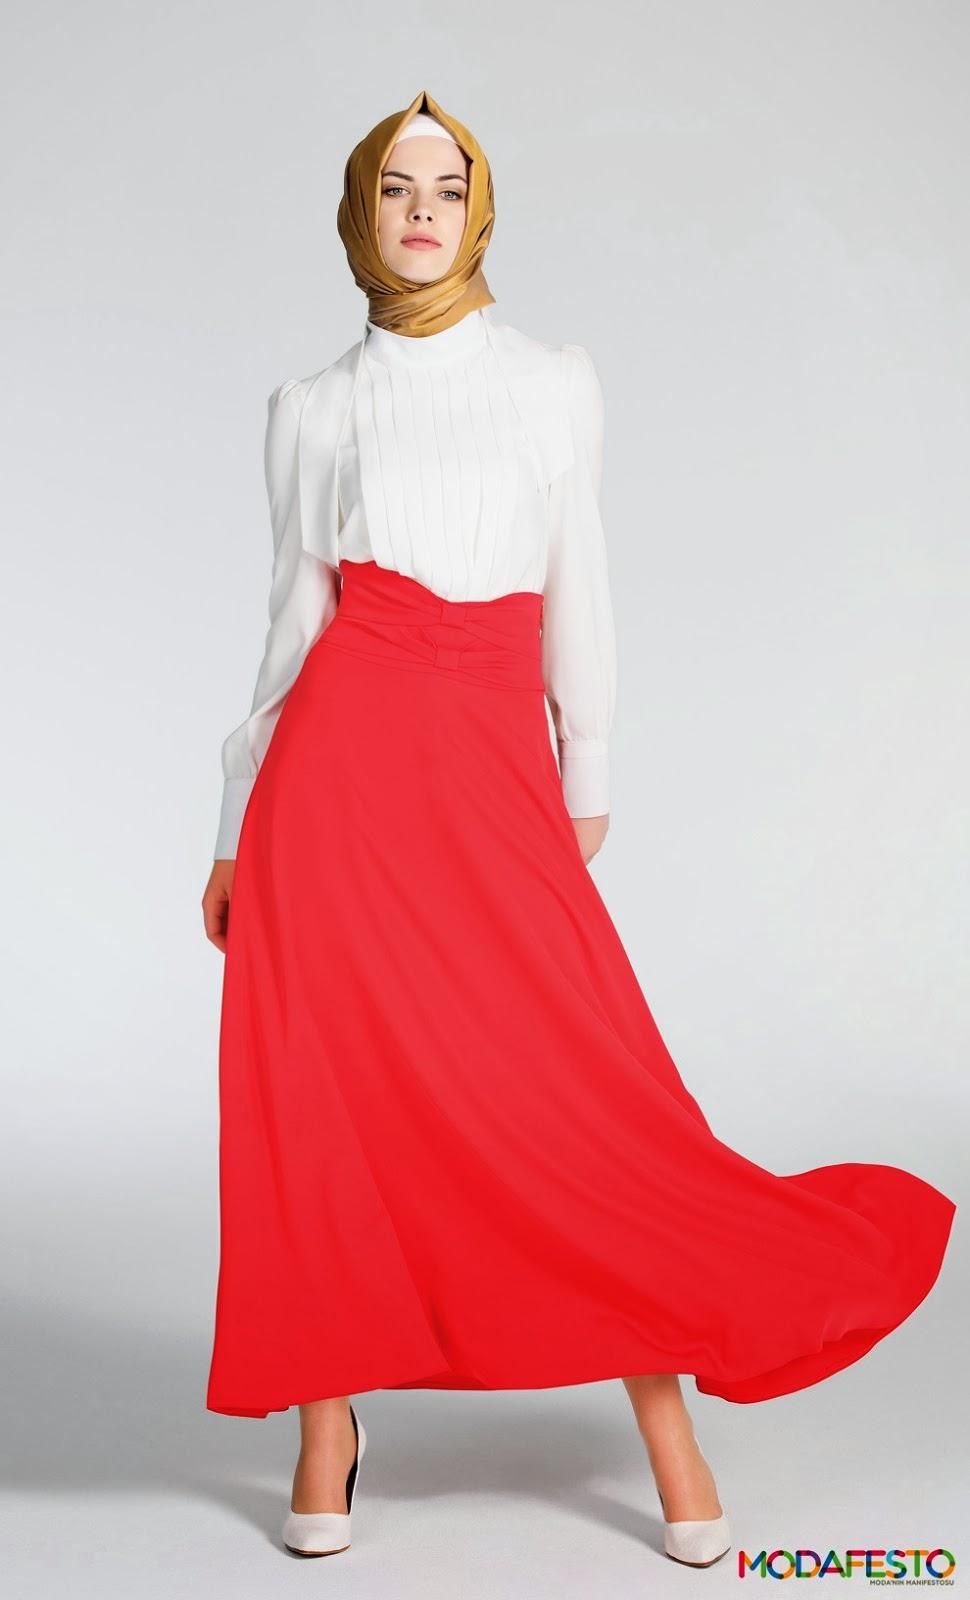 hijab-été-2014-picture-1